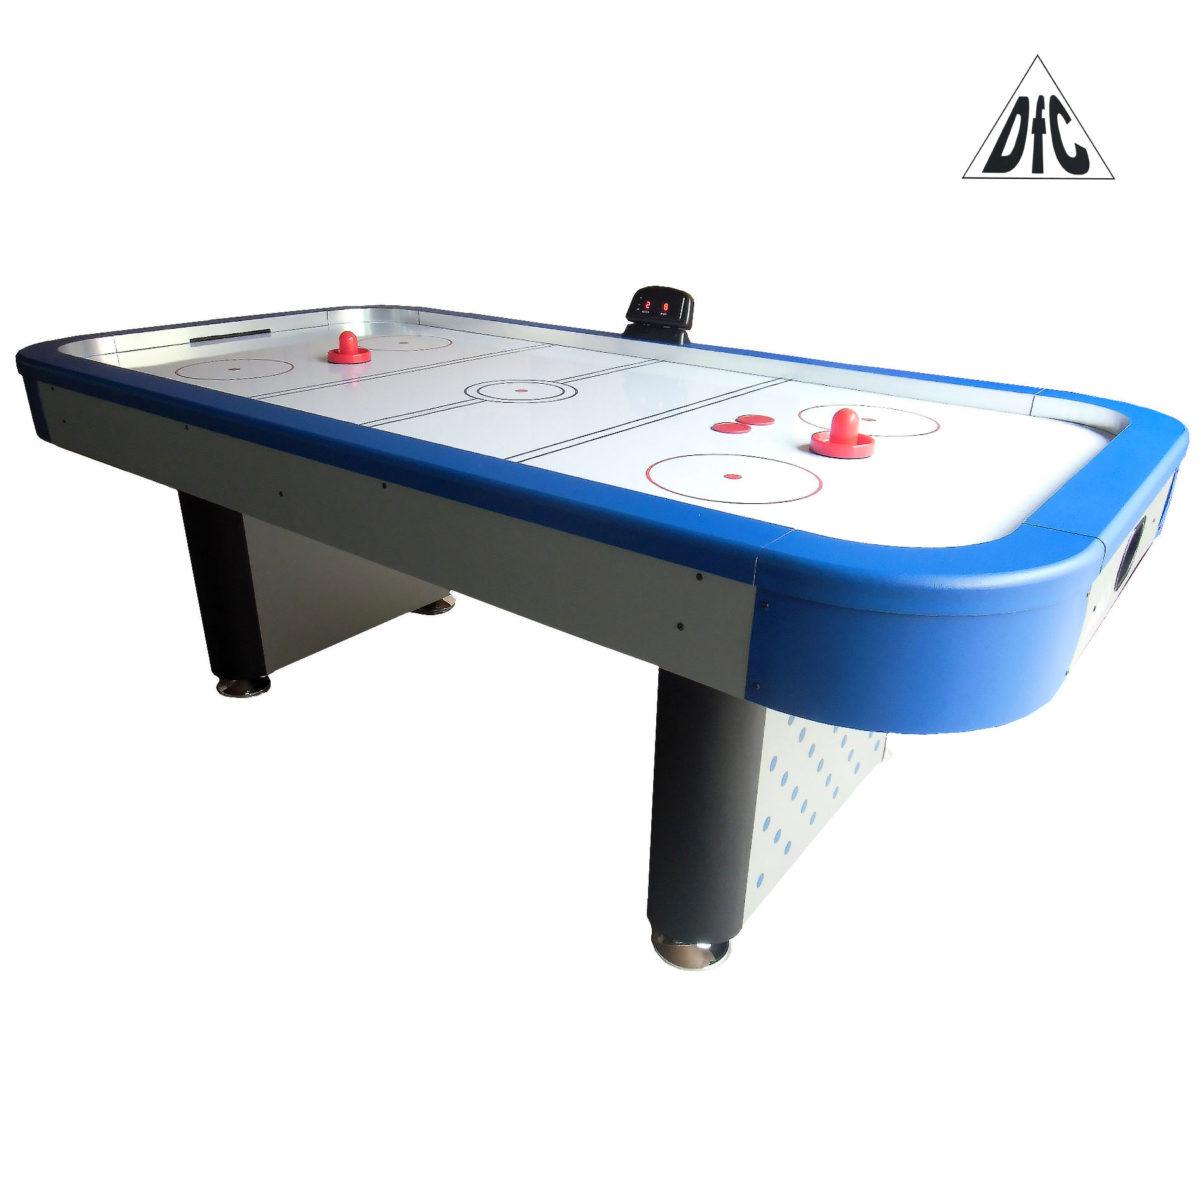 Игровой стол - аэрохоккей DFC COBRA-арт-GS-AT-5000-DFC